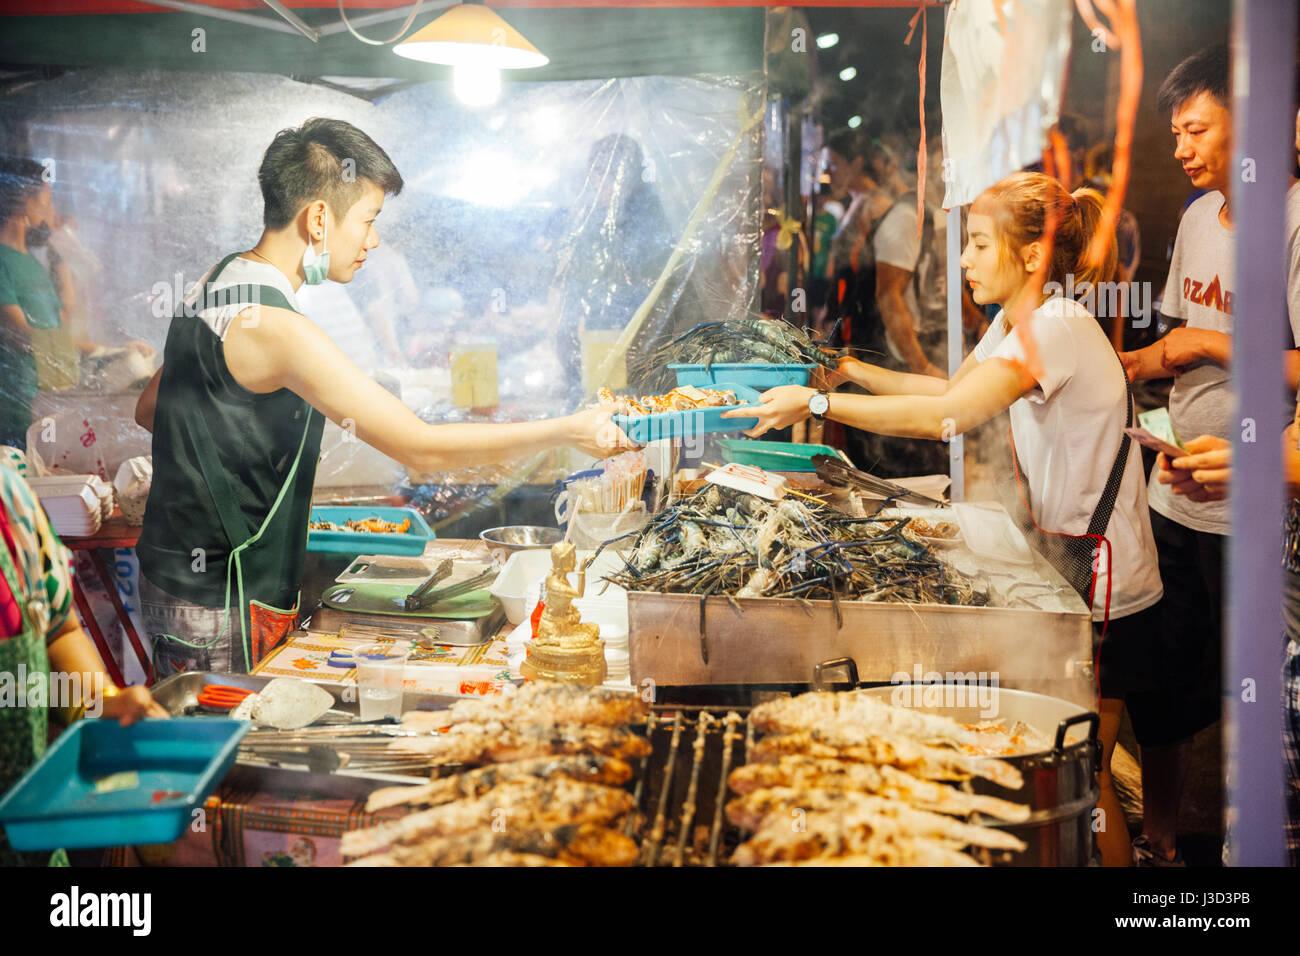 CHIANG MAI, THAÏLANDE - 27 août: le vendeur alimentaire cuisiniers et vend des poissons et fruits Photo Stock